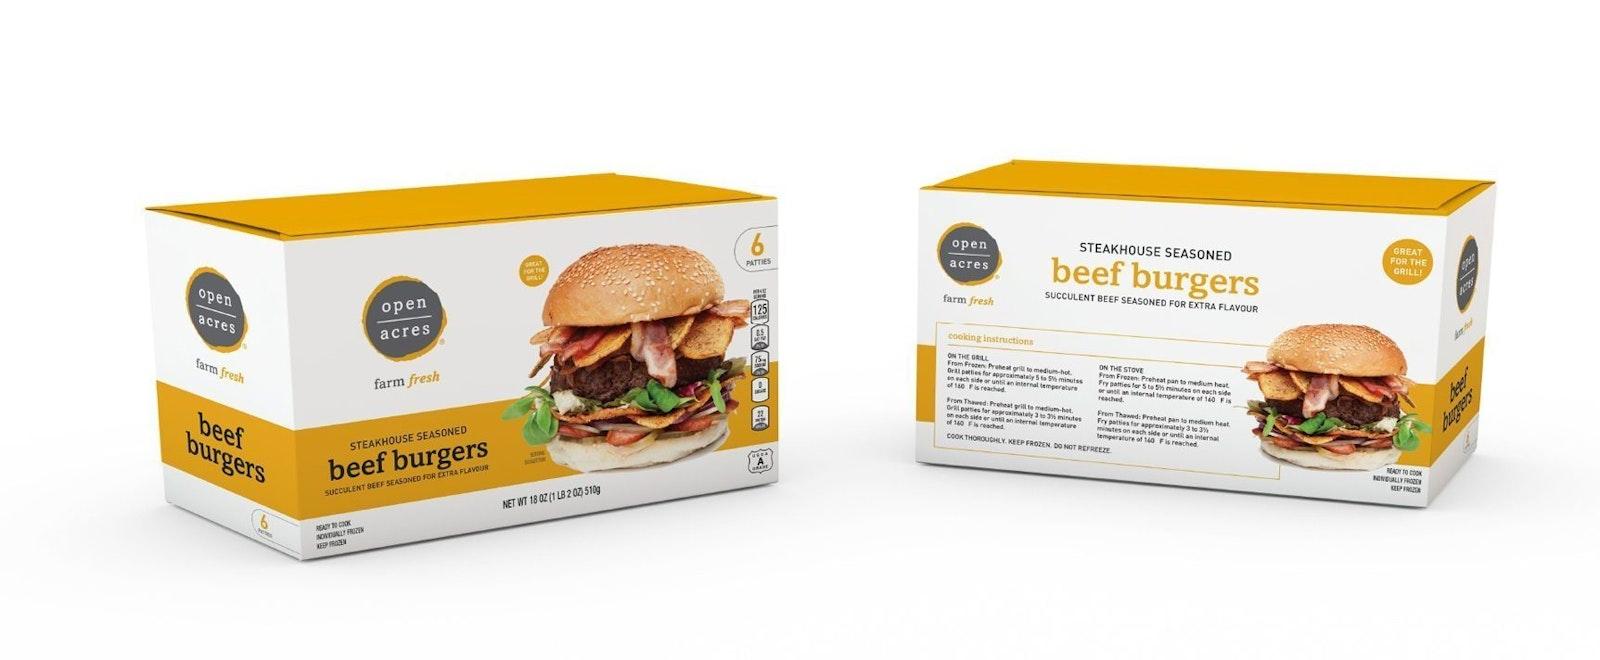 Open Acres Burgers